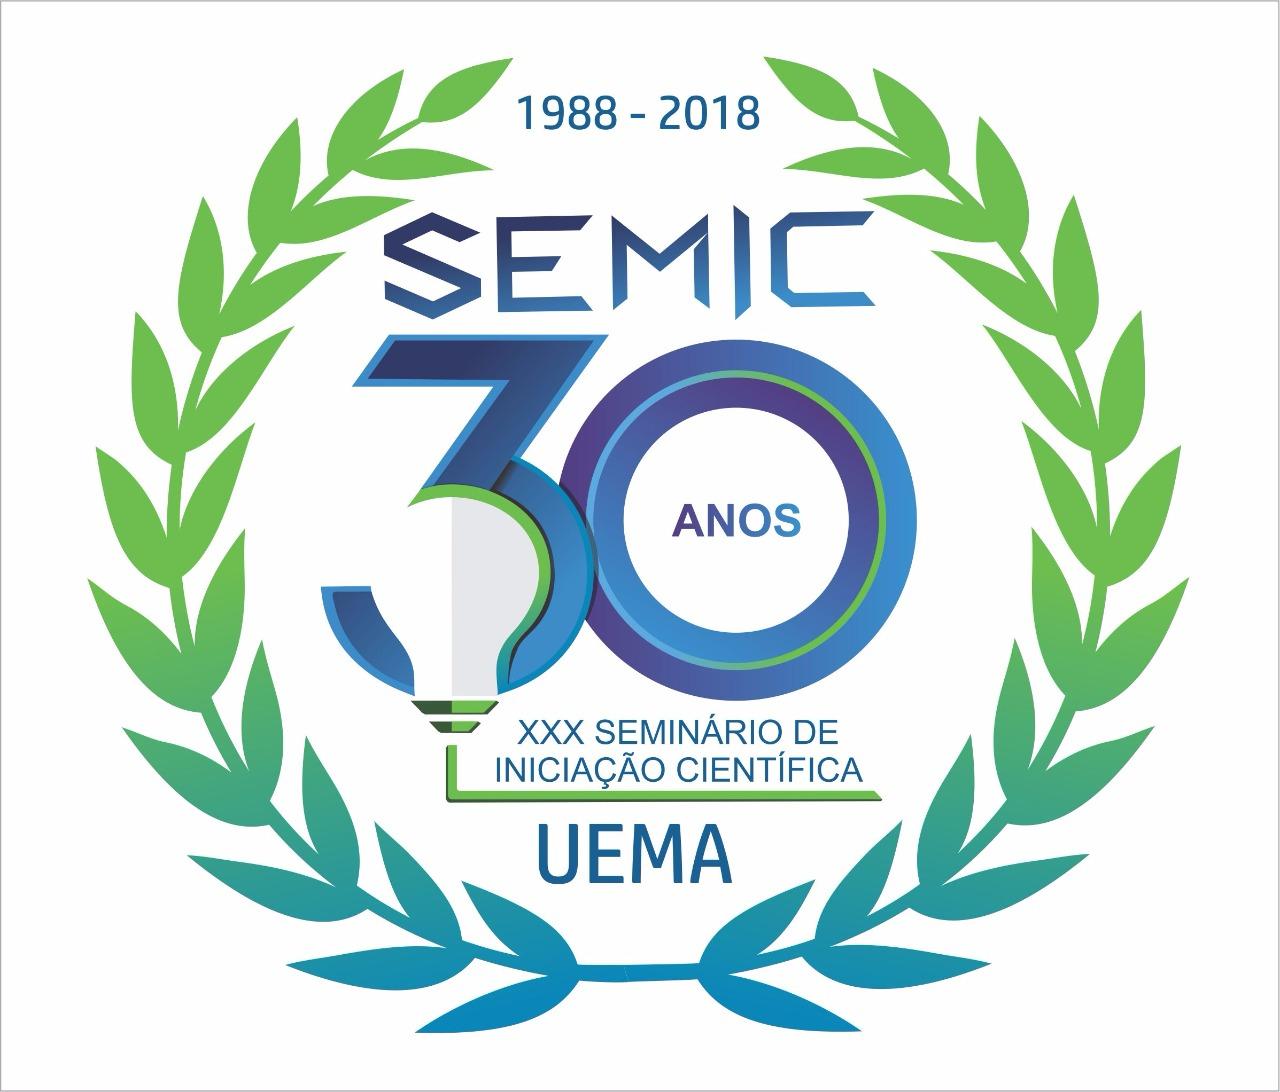 XXX-SEMIC-UEMA-Image-2018-08-06-at-17.45.34